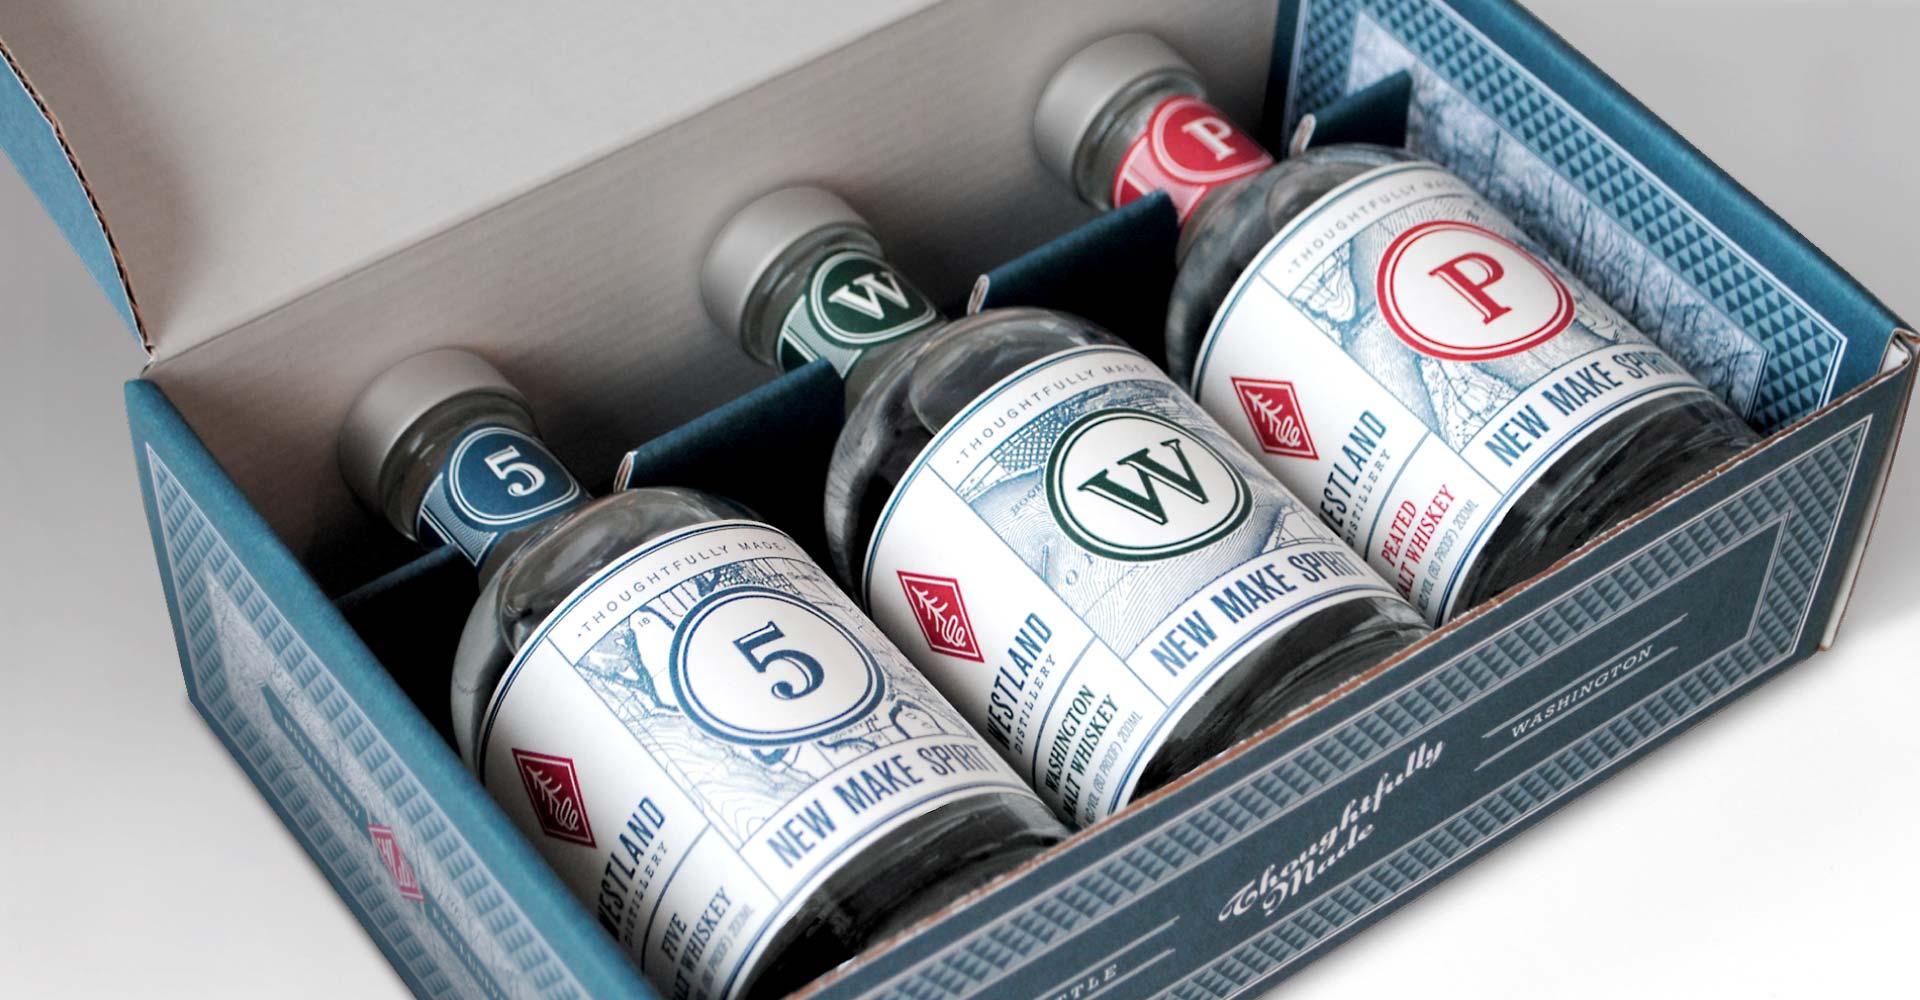 Creative_Retail_Packaging_Custom_Beverage_Westland_Distillery_03-1.jpg